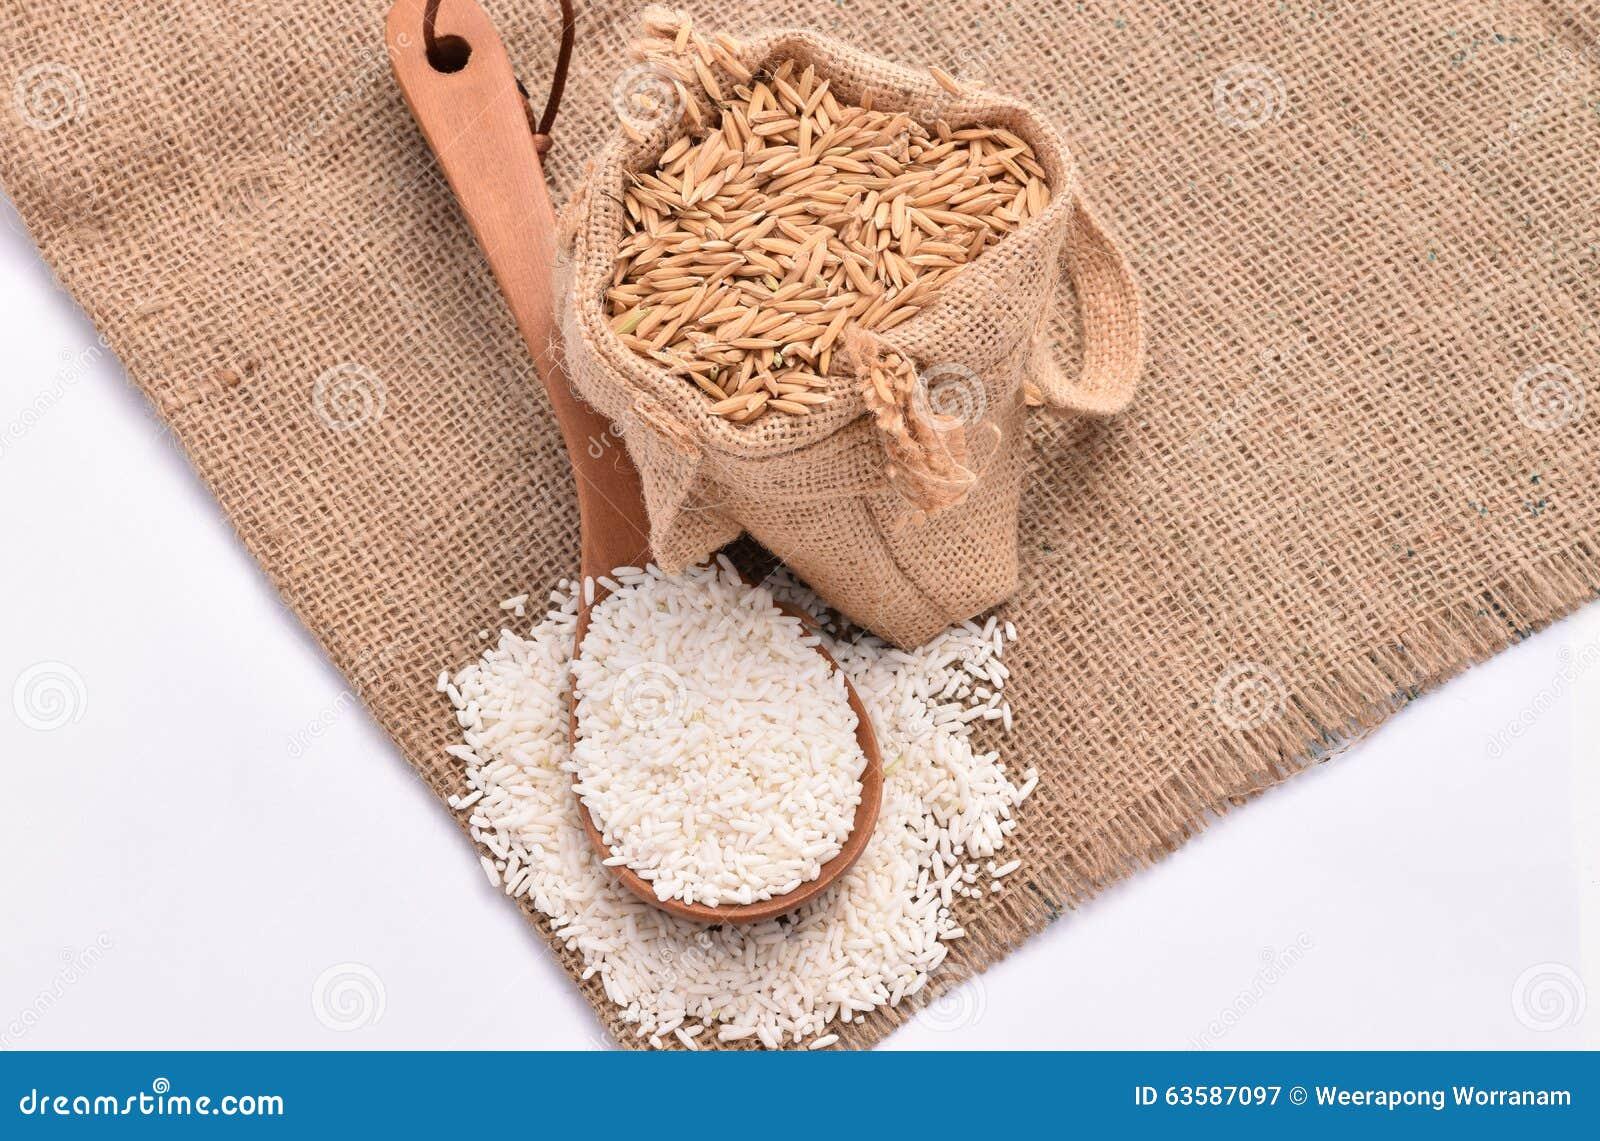 Biali irlandczyków ryż na drewnianej łyżce i konopie worku z brown irlandczyków ryż ziarnem na białym tle